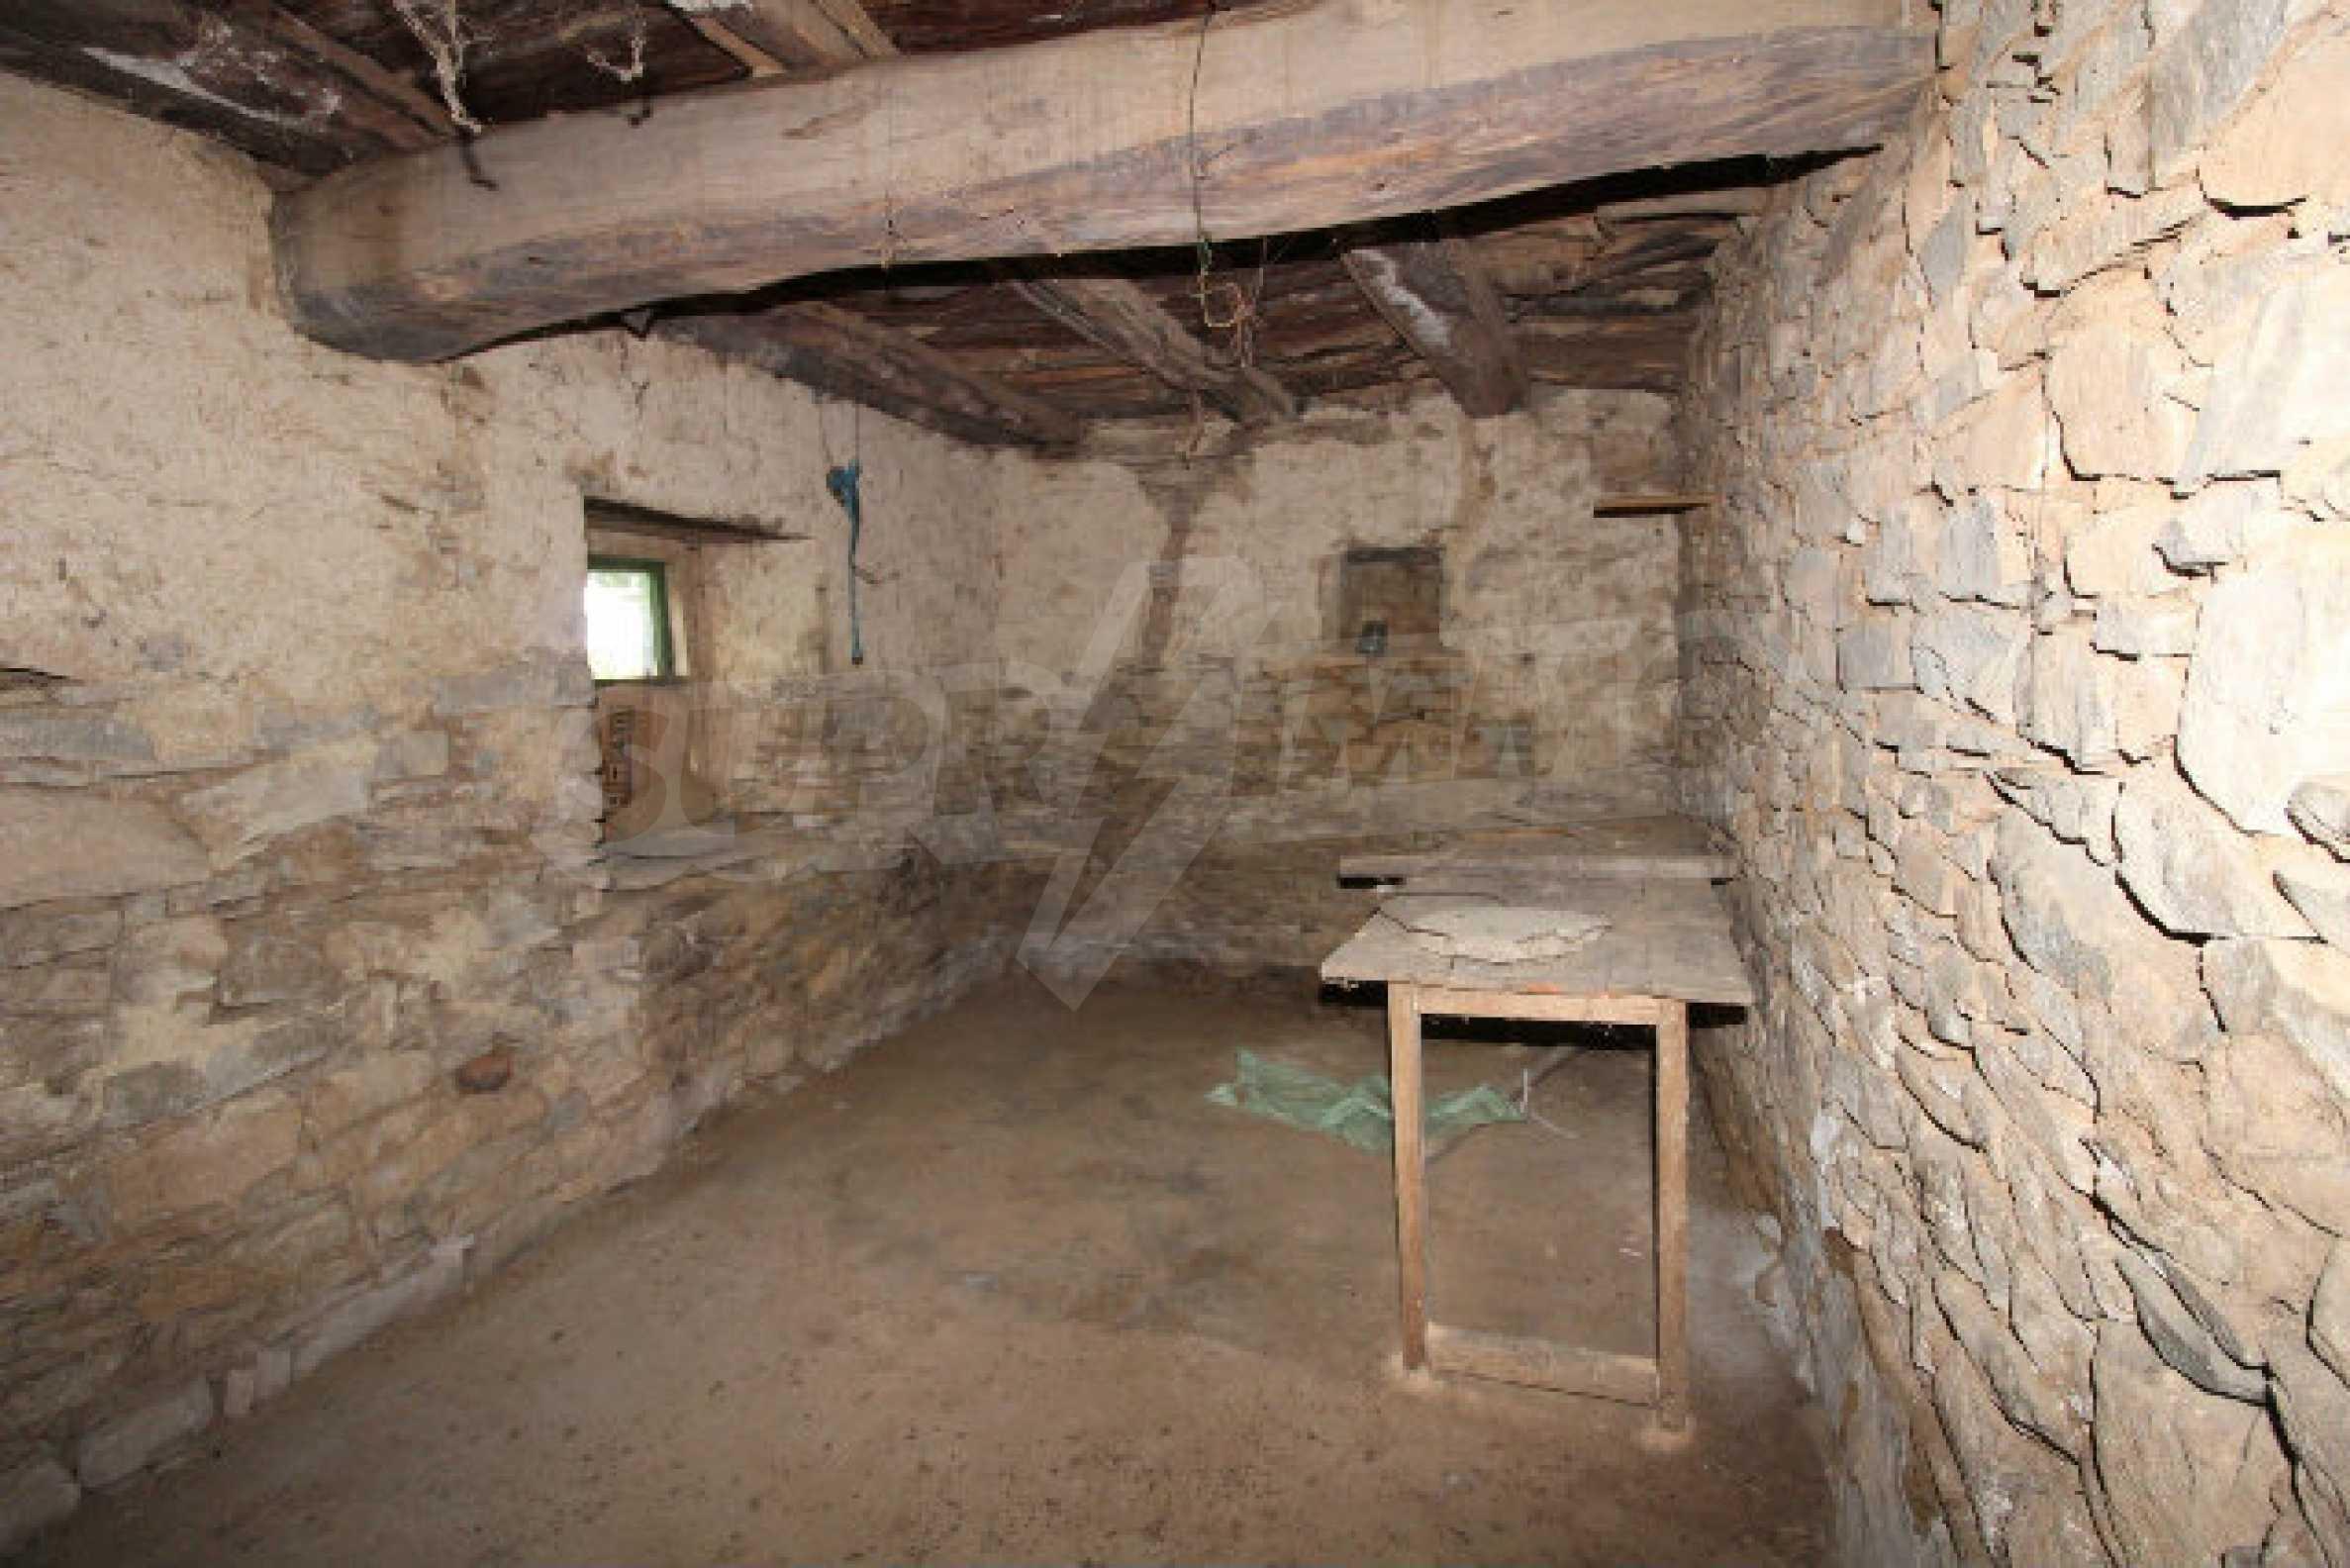 Къща за продажба близо до гр. Велико Търново 56